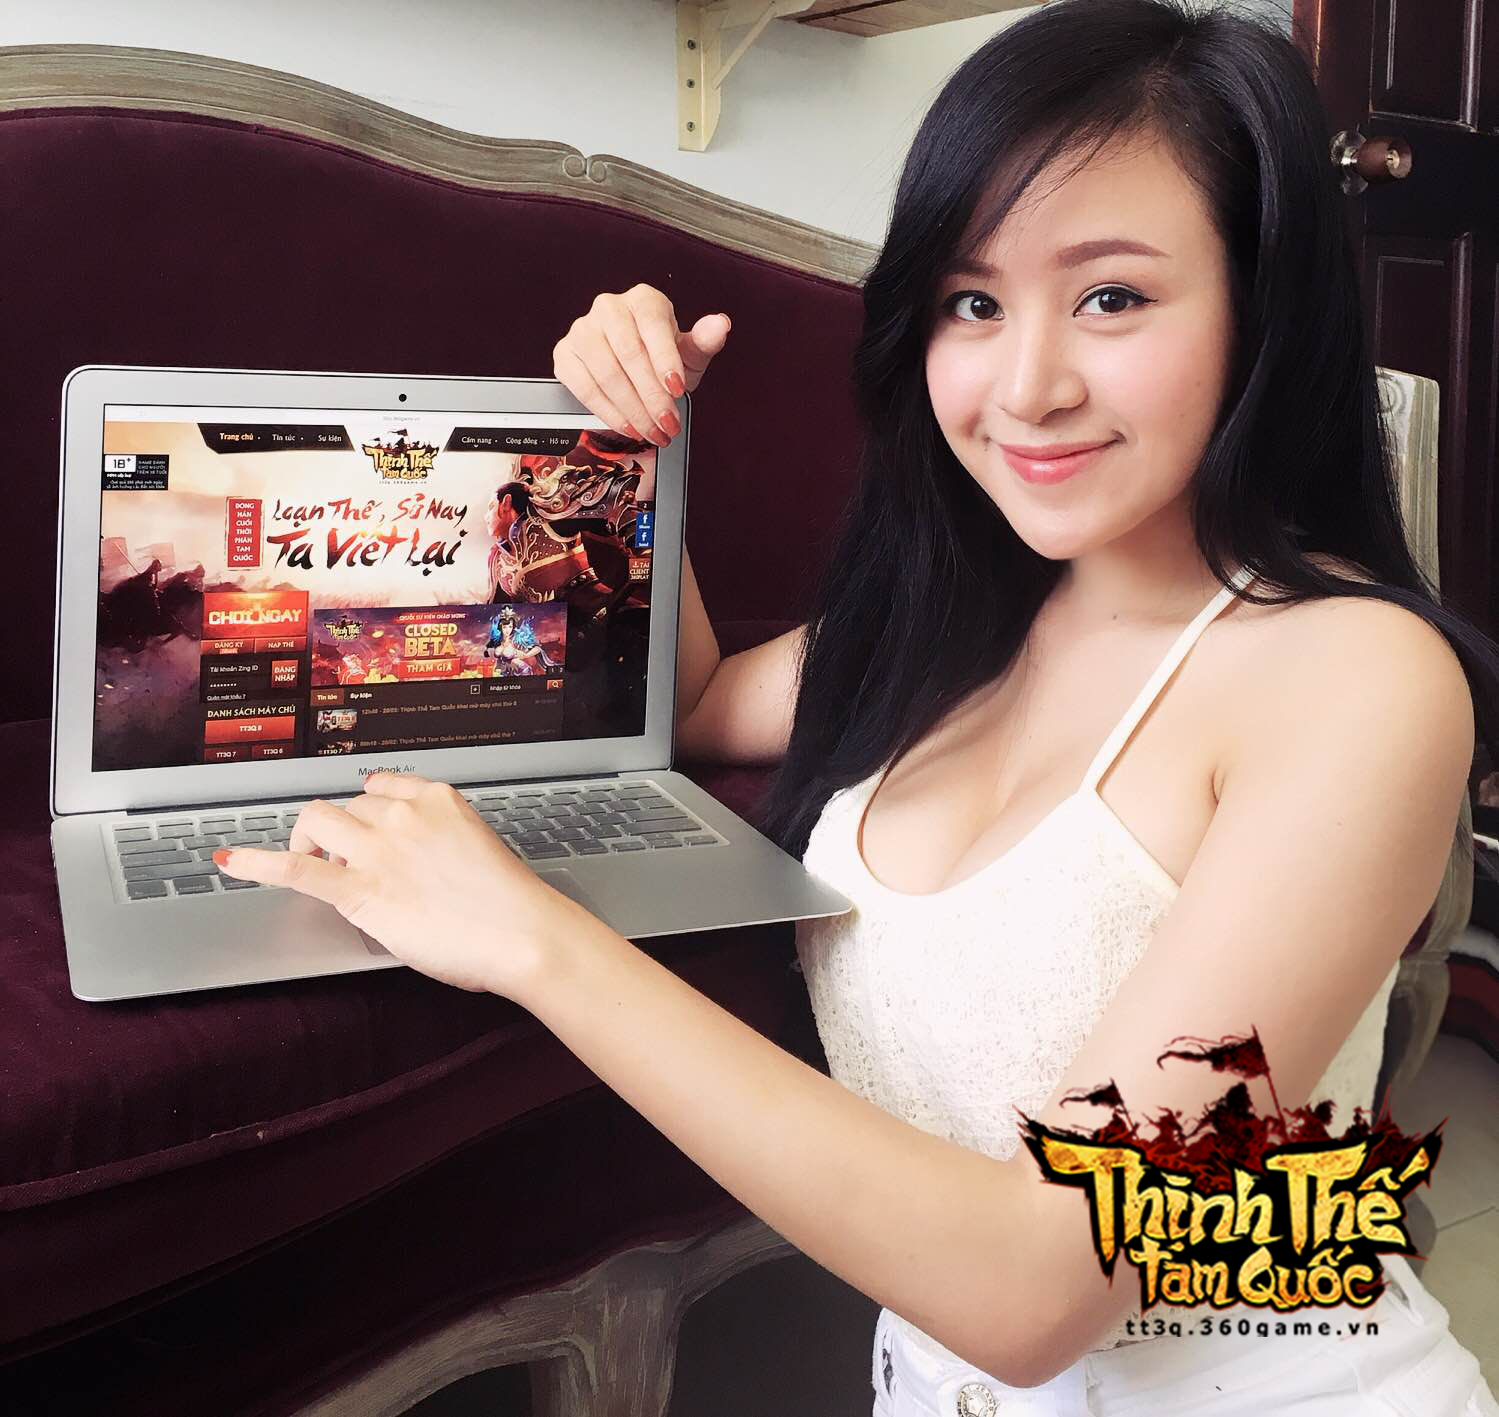 Bà Tưng cũng lần mò chơi webgame Thịnh Thế Tam Quốc 2